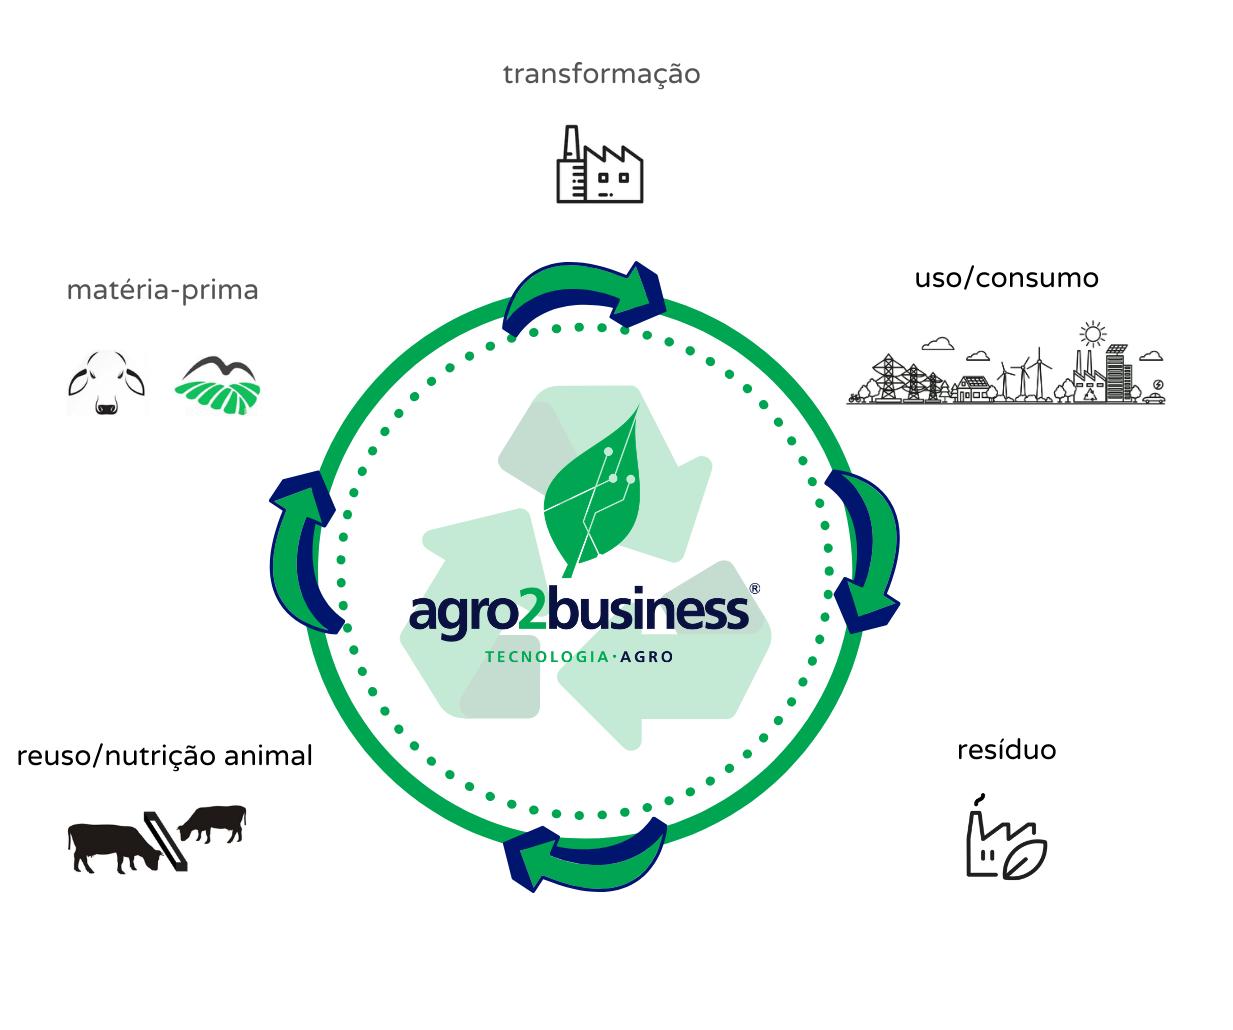 Agro2business - Transforme resíduo agro em dinheiro